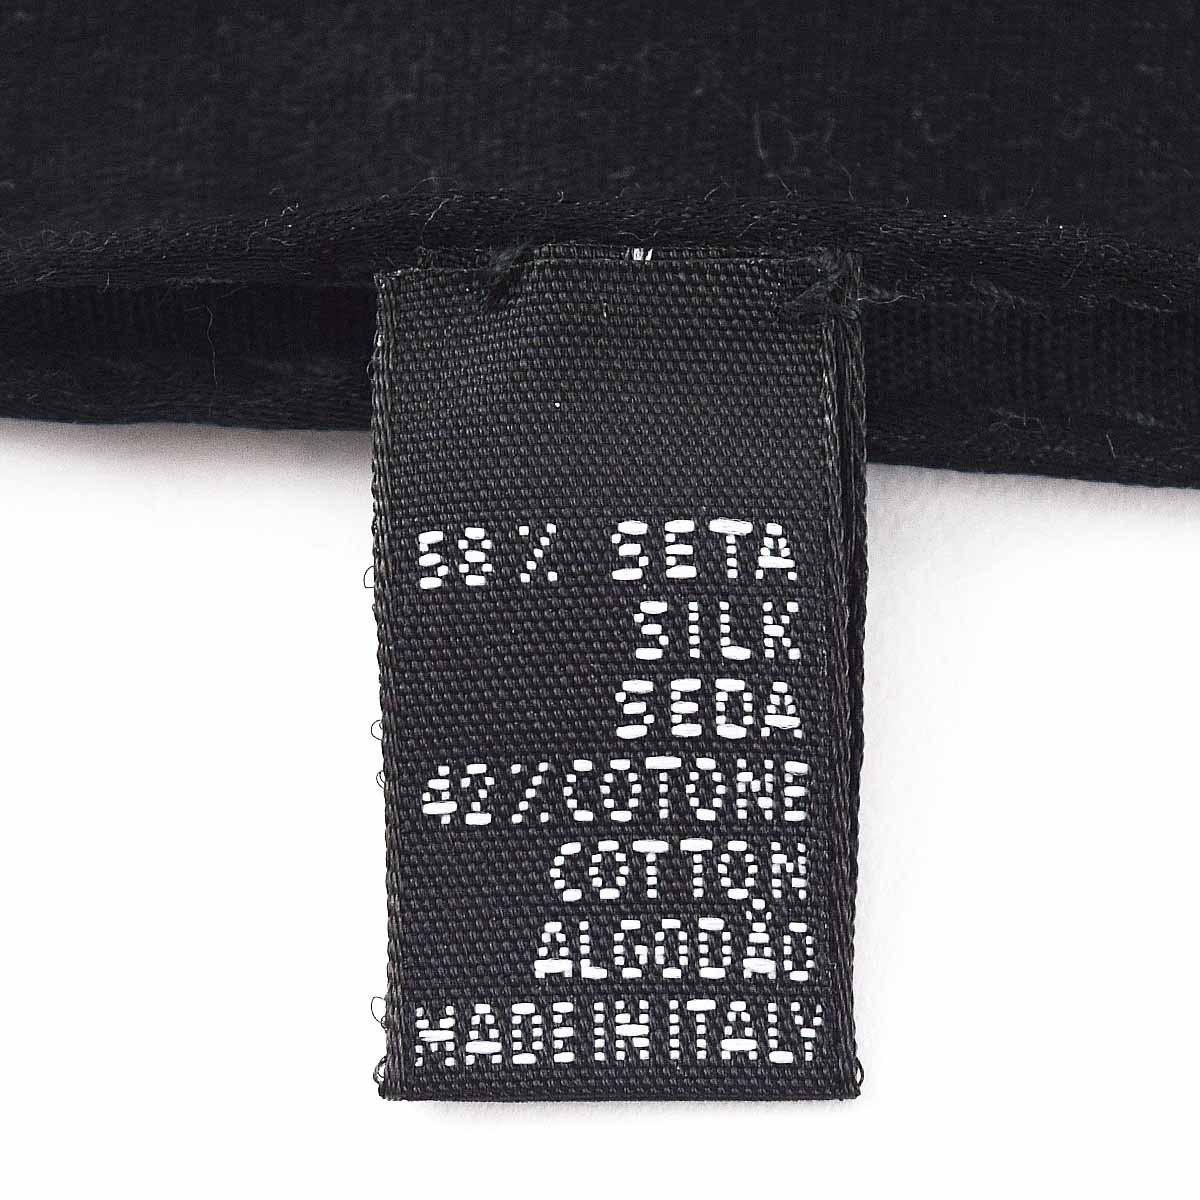 PATEK PHILIPPE パテックフィリップ ロング ストール ブラック 58%シルク 42%コットン Made In Italy ノベルティ 32460620_画像4